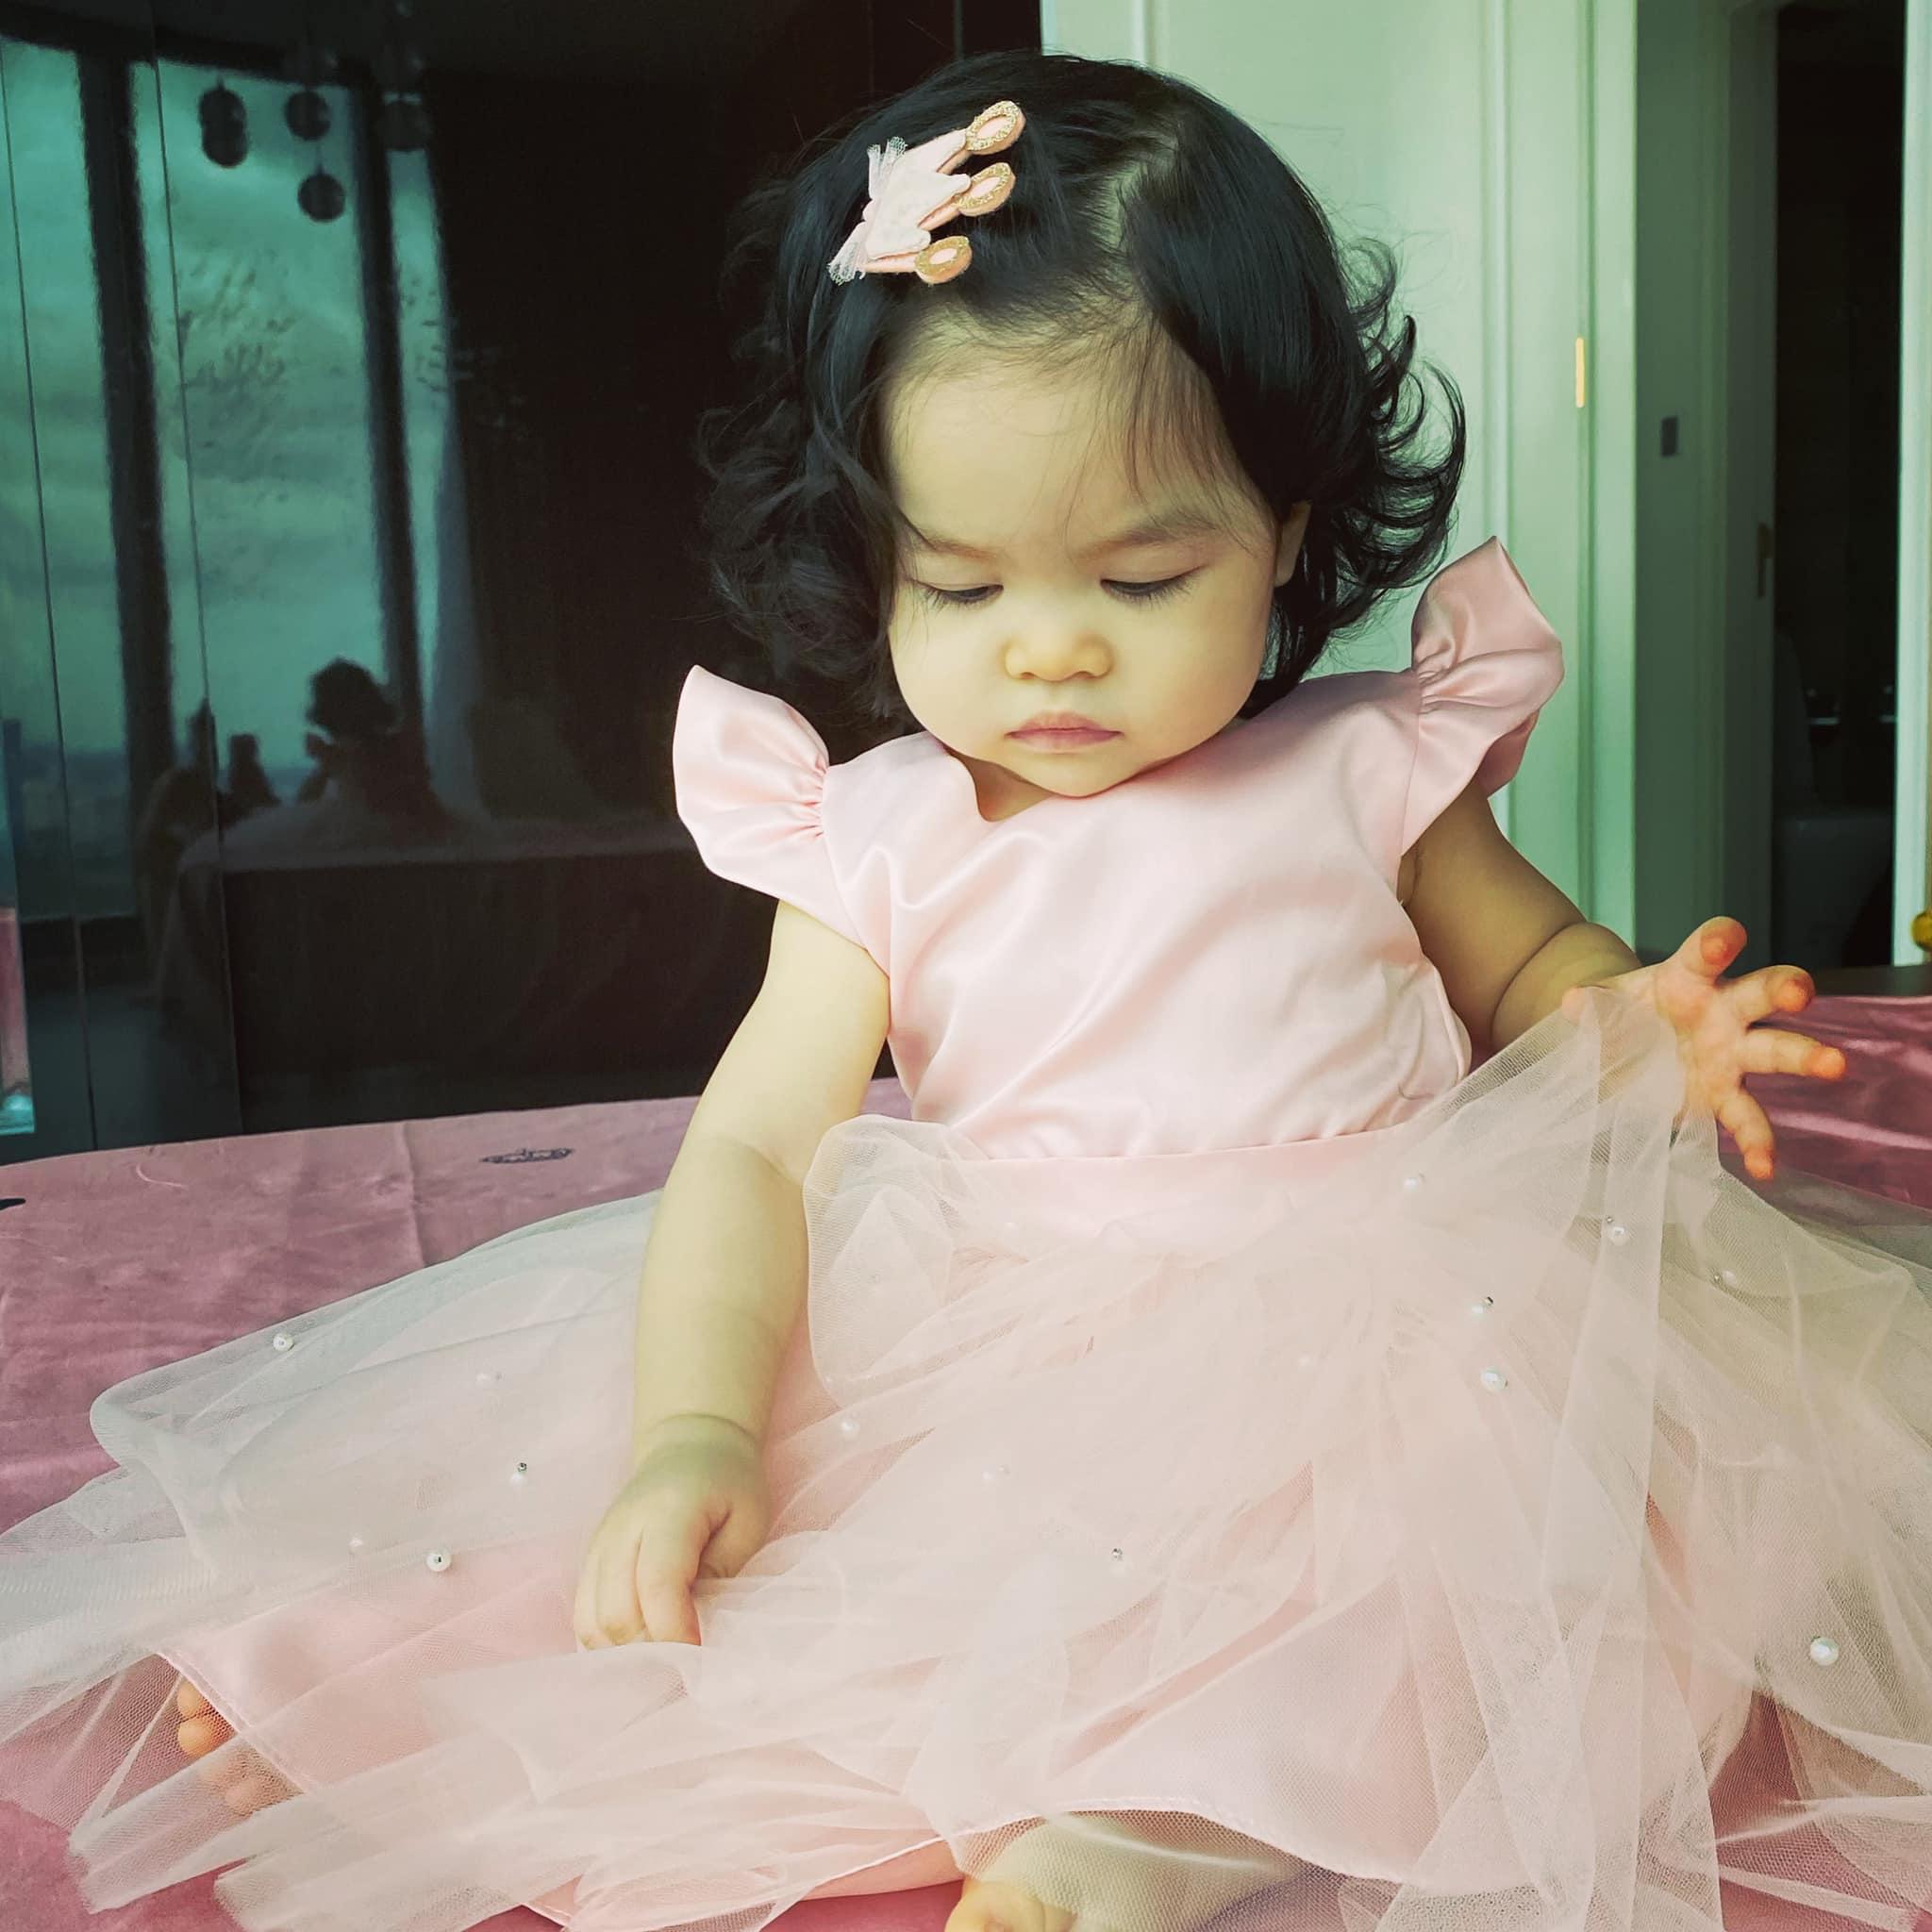 Ở nhà, mẹ hay lên đồ cho Bảo Khanh như công chúa nhỏ với đủ loại váy vóc. Ngoài việc chăm chút từng bữa ăn, cô bé được mẹ cho nghe nhạc thiếu nhi... đế phát triển trí não.